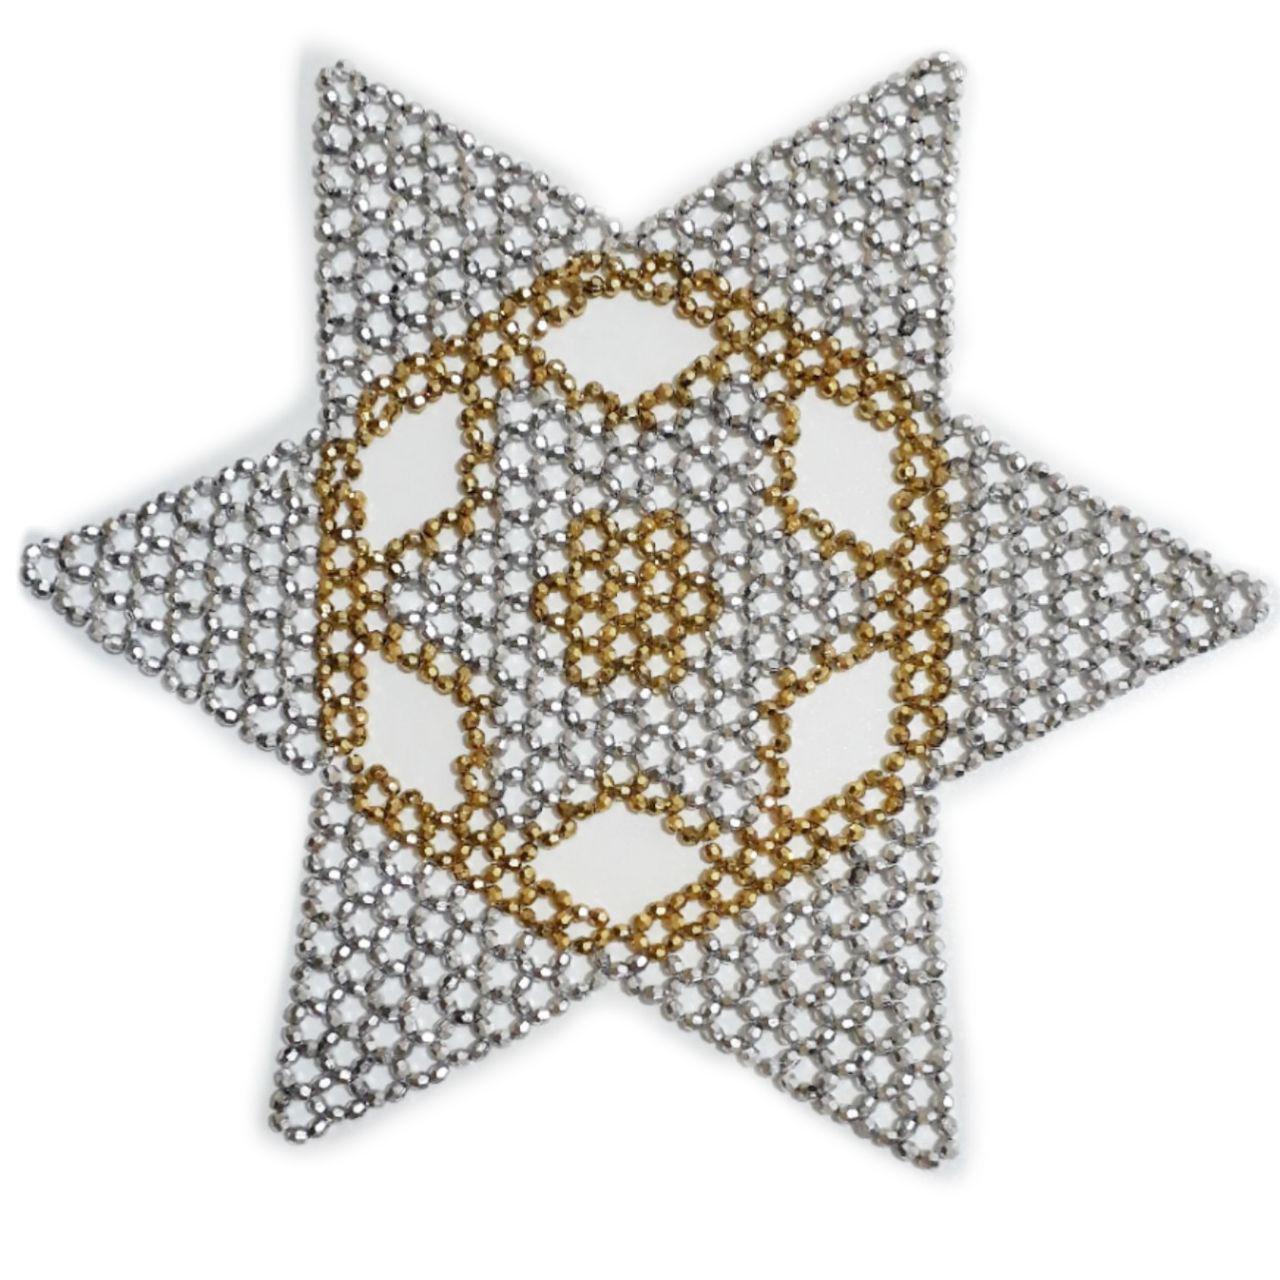 رومیزی دستبافت کریستال بافی ستاره ای جدید